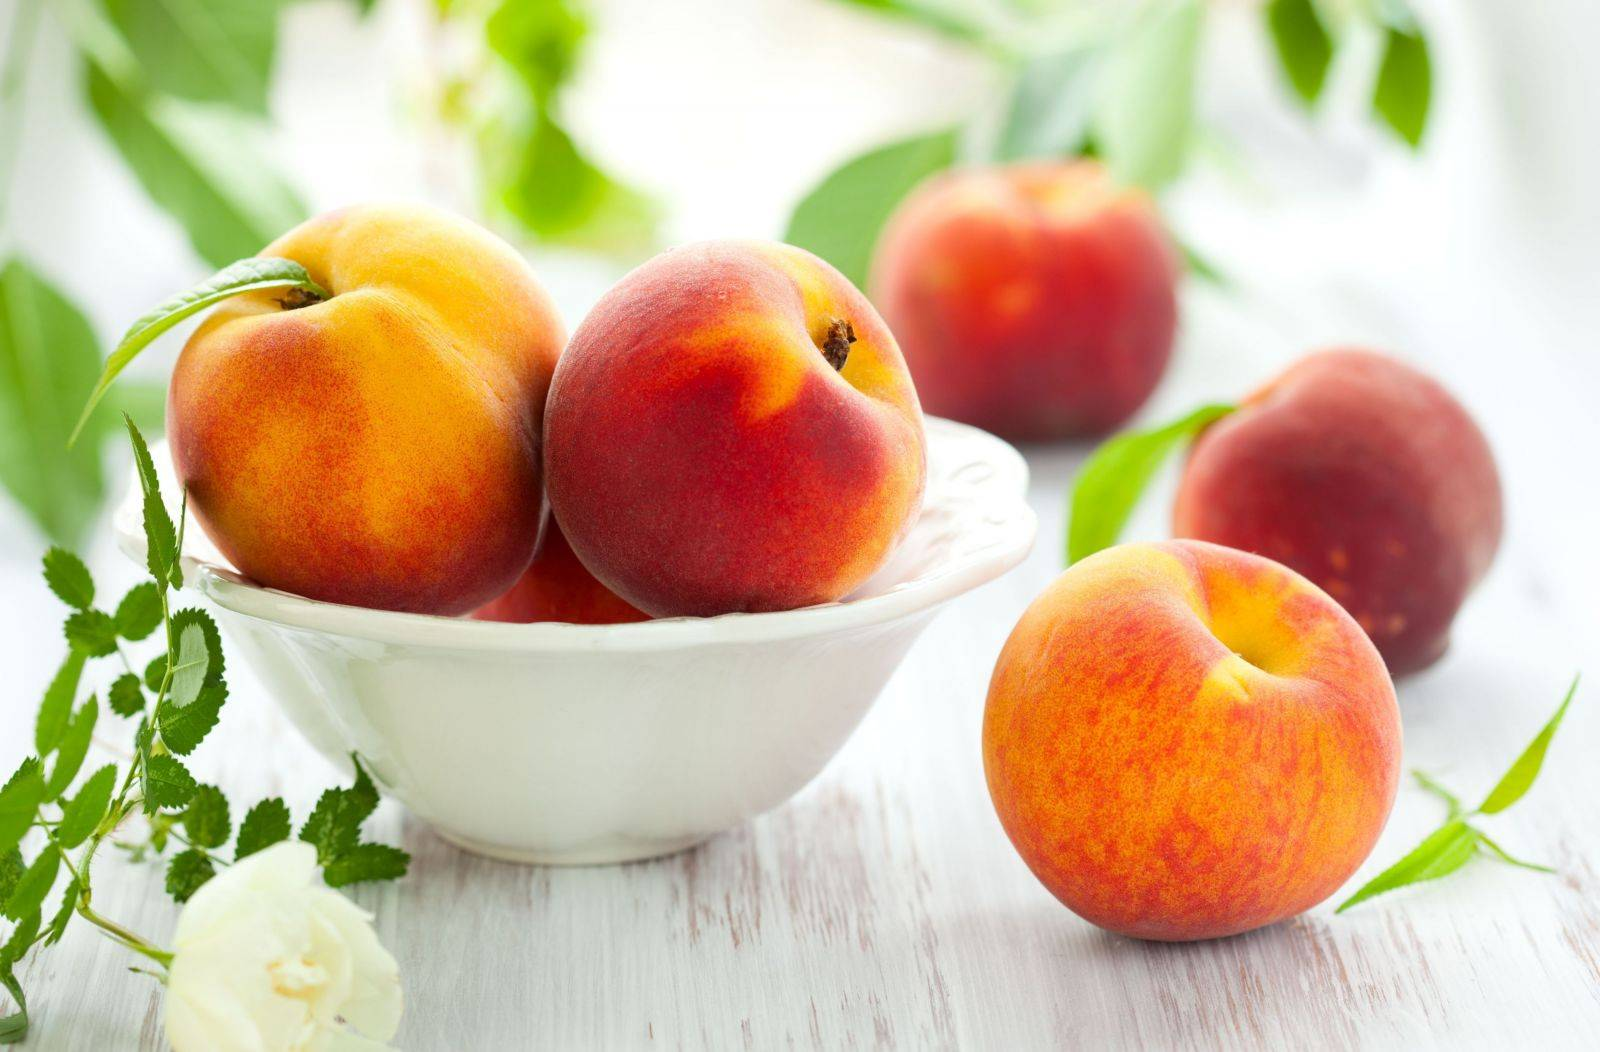 Эффективные меры борьбы с вредителями и болезнями персика